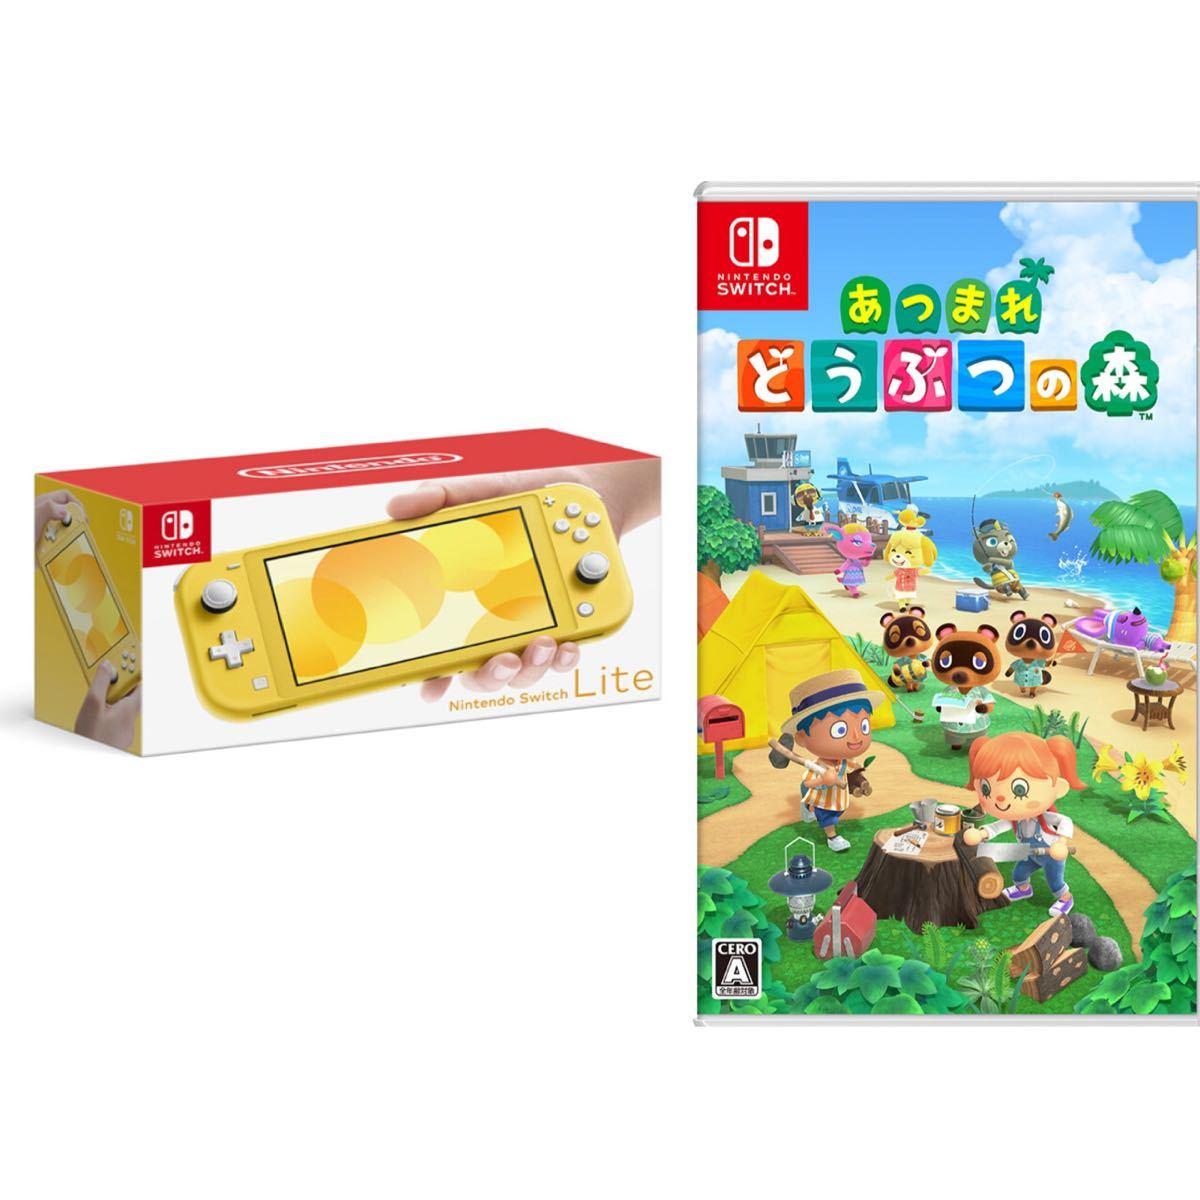 Nintendo Switch lite どうぶつの森ソフト付き